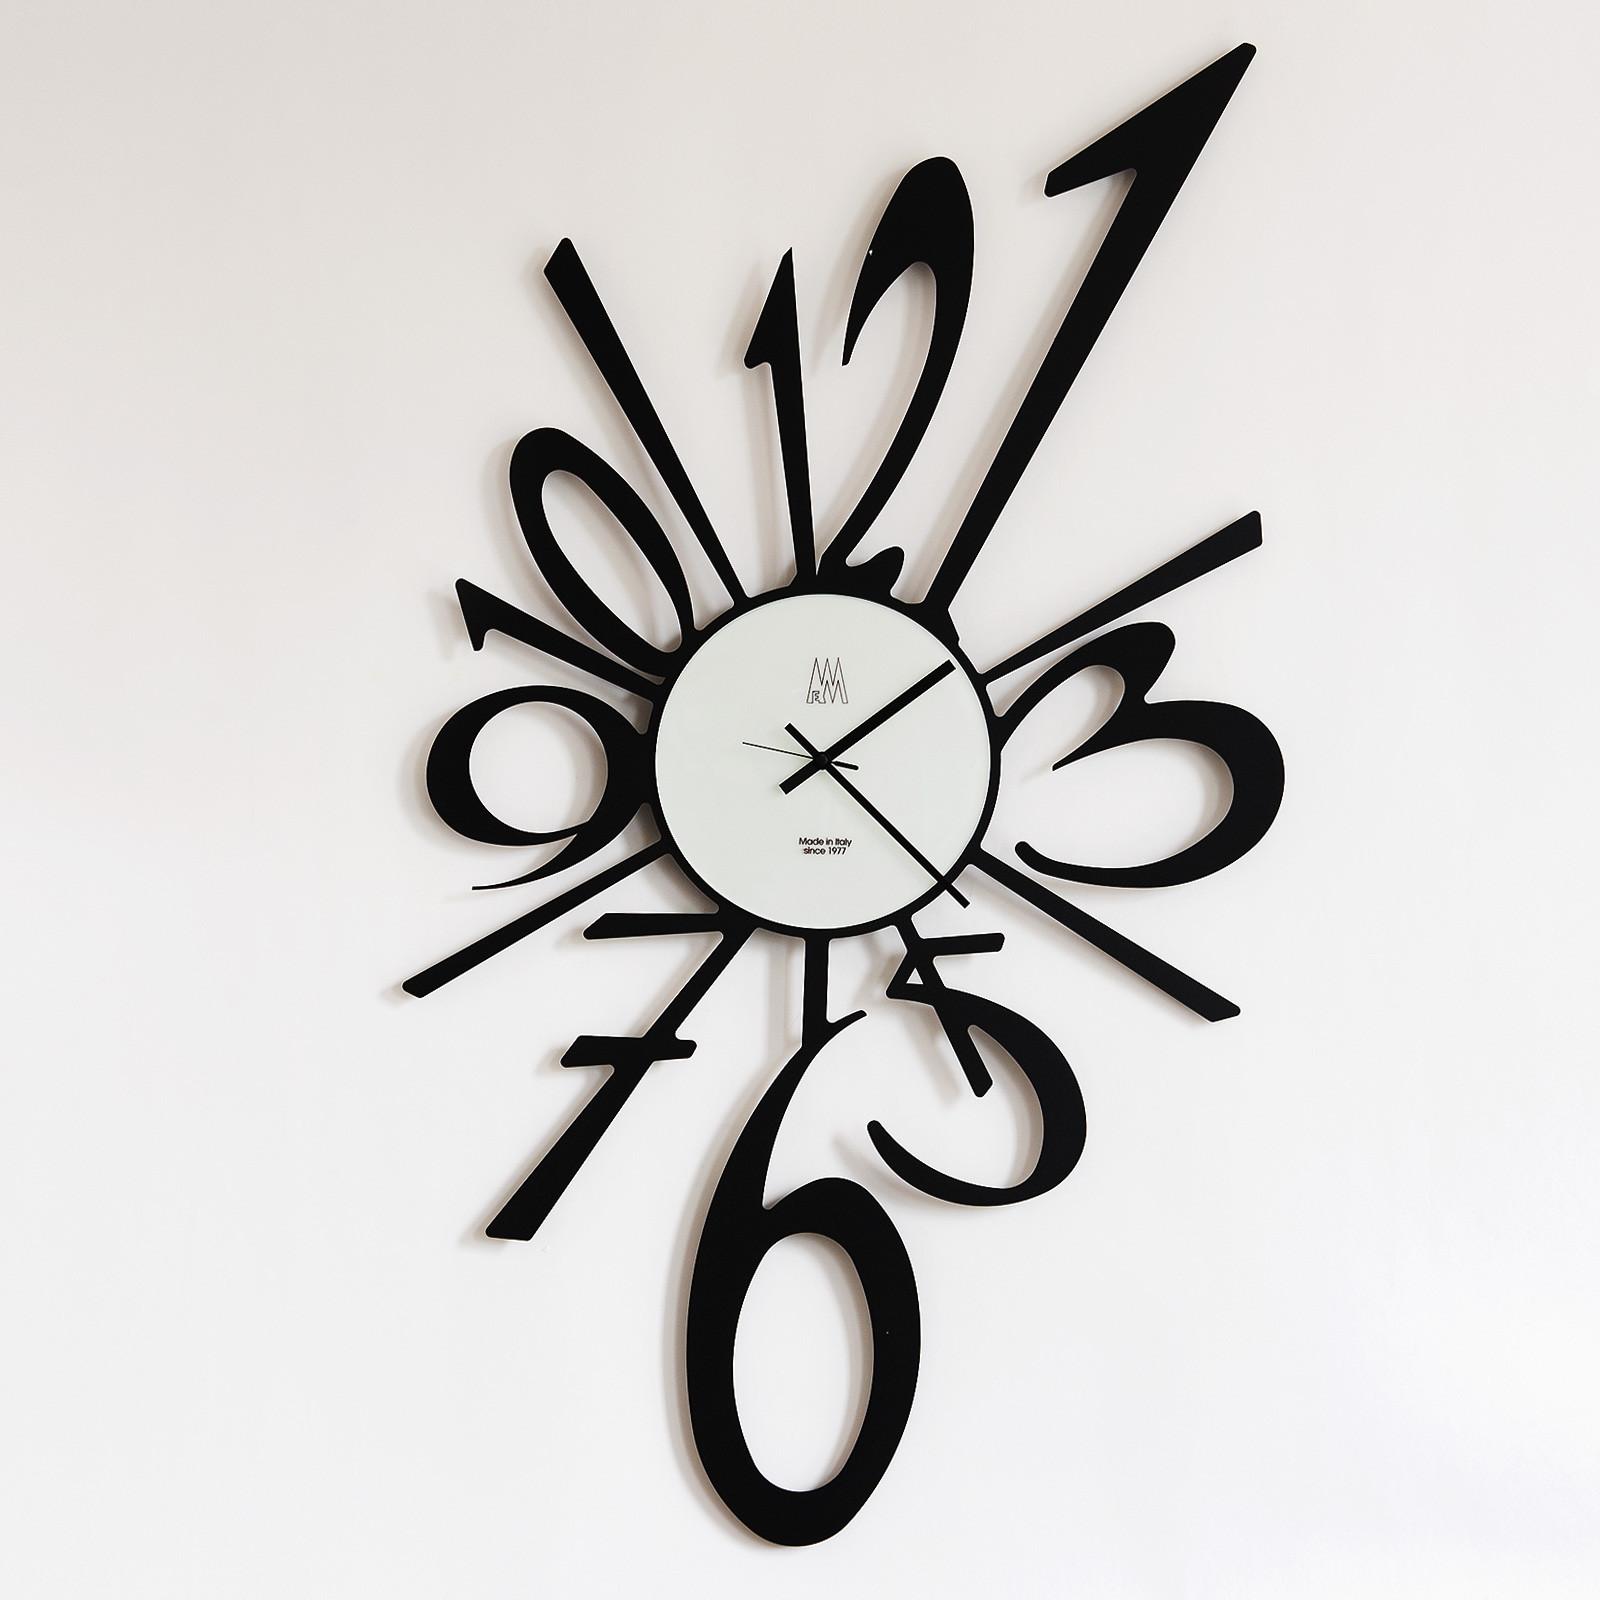 Arti e Mestieri serie Big bang orologio a parete in metallo in varie ...